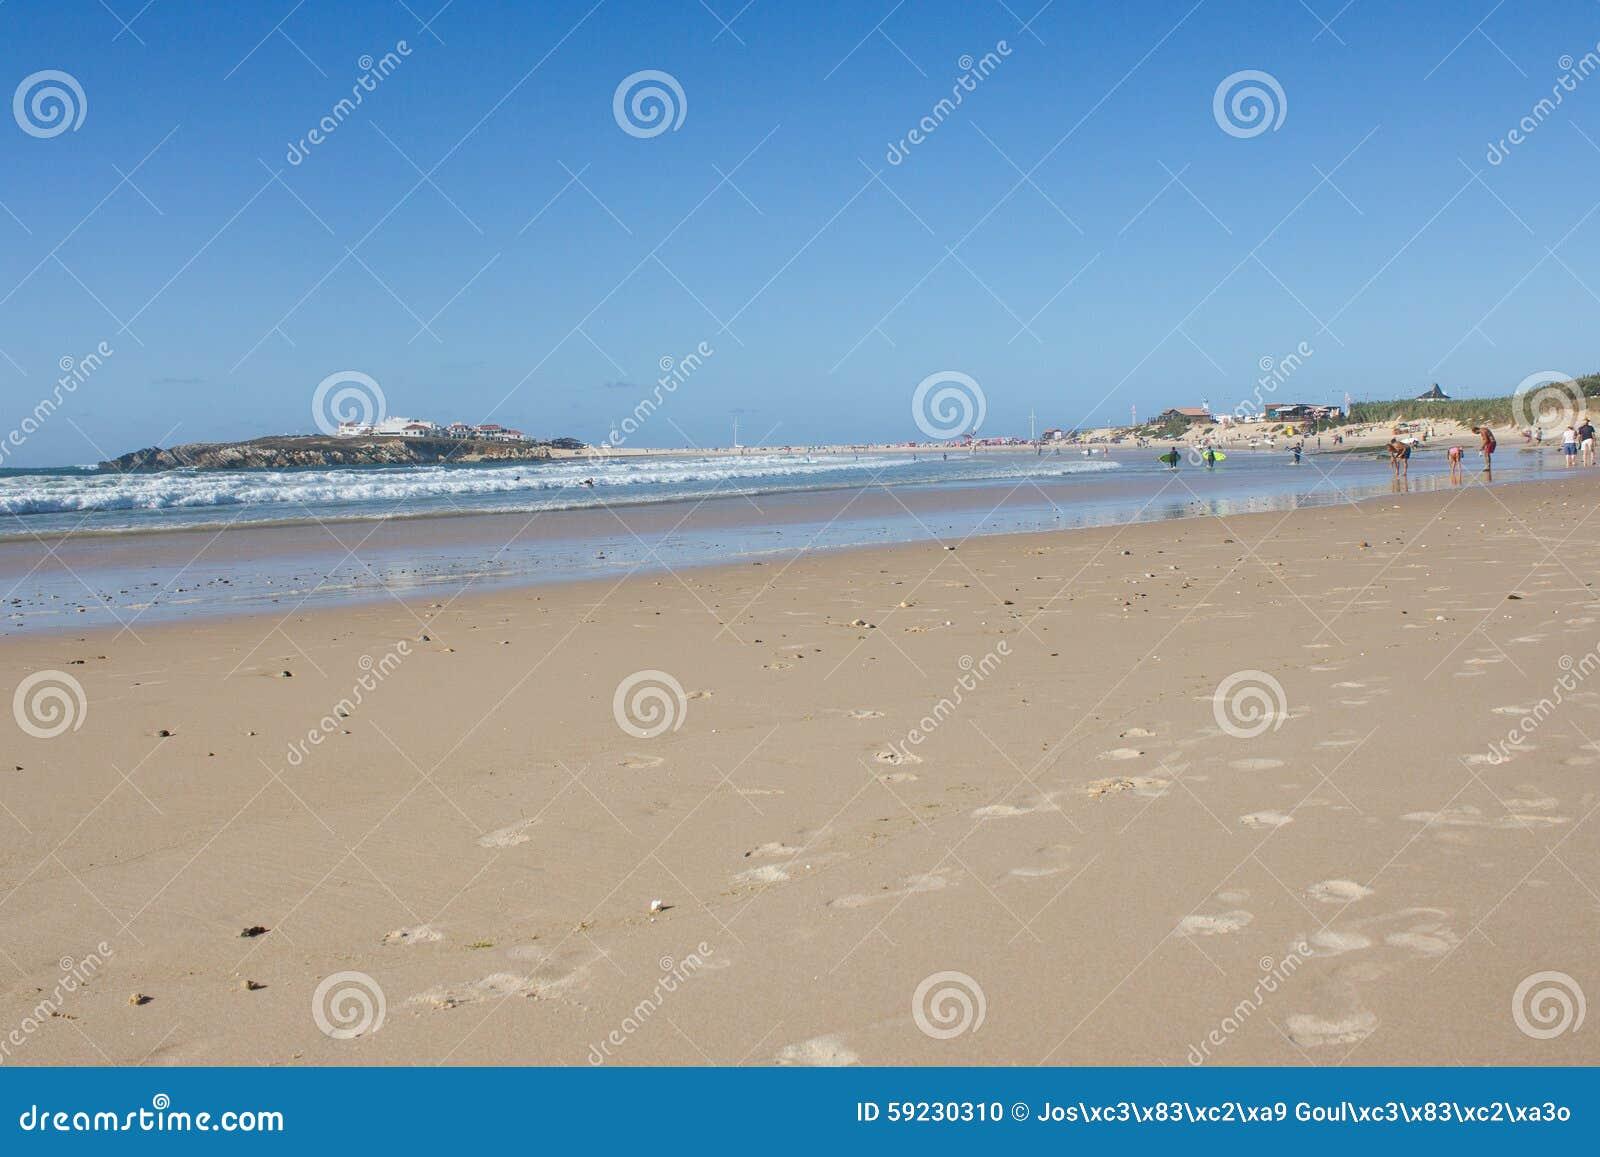 Download Baleal Long Beach En La Marea Baja Y El Pueblo De Baleal (Peniche, Portugal) Por La Tarde Foto de archivo - Imagen de atlántico, resaca: 59230310